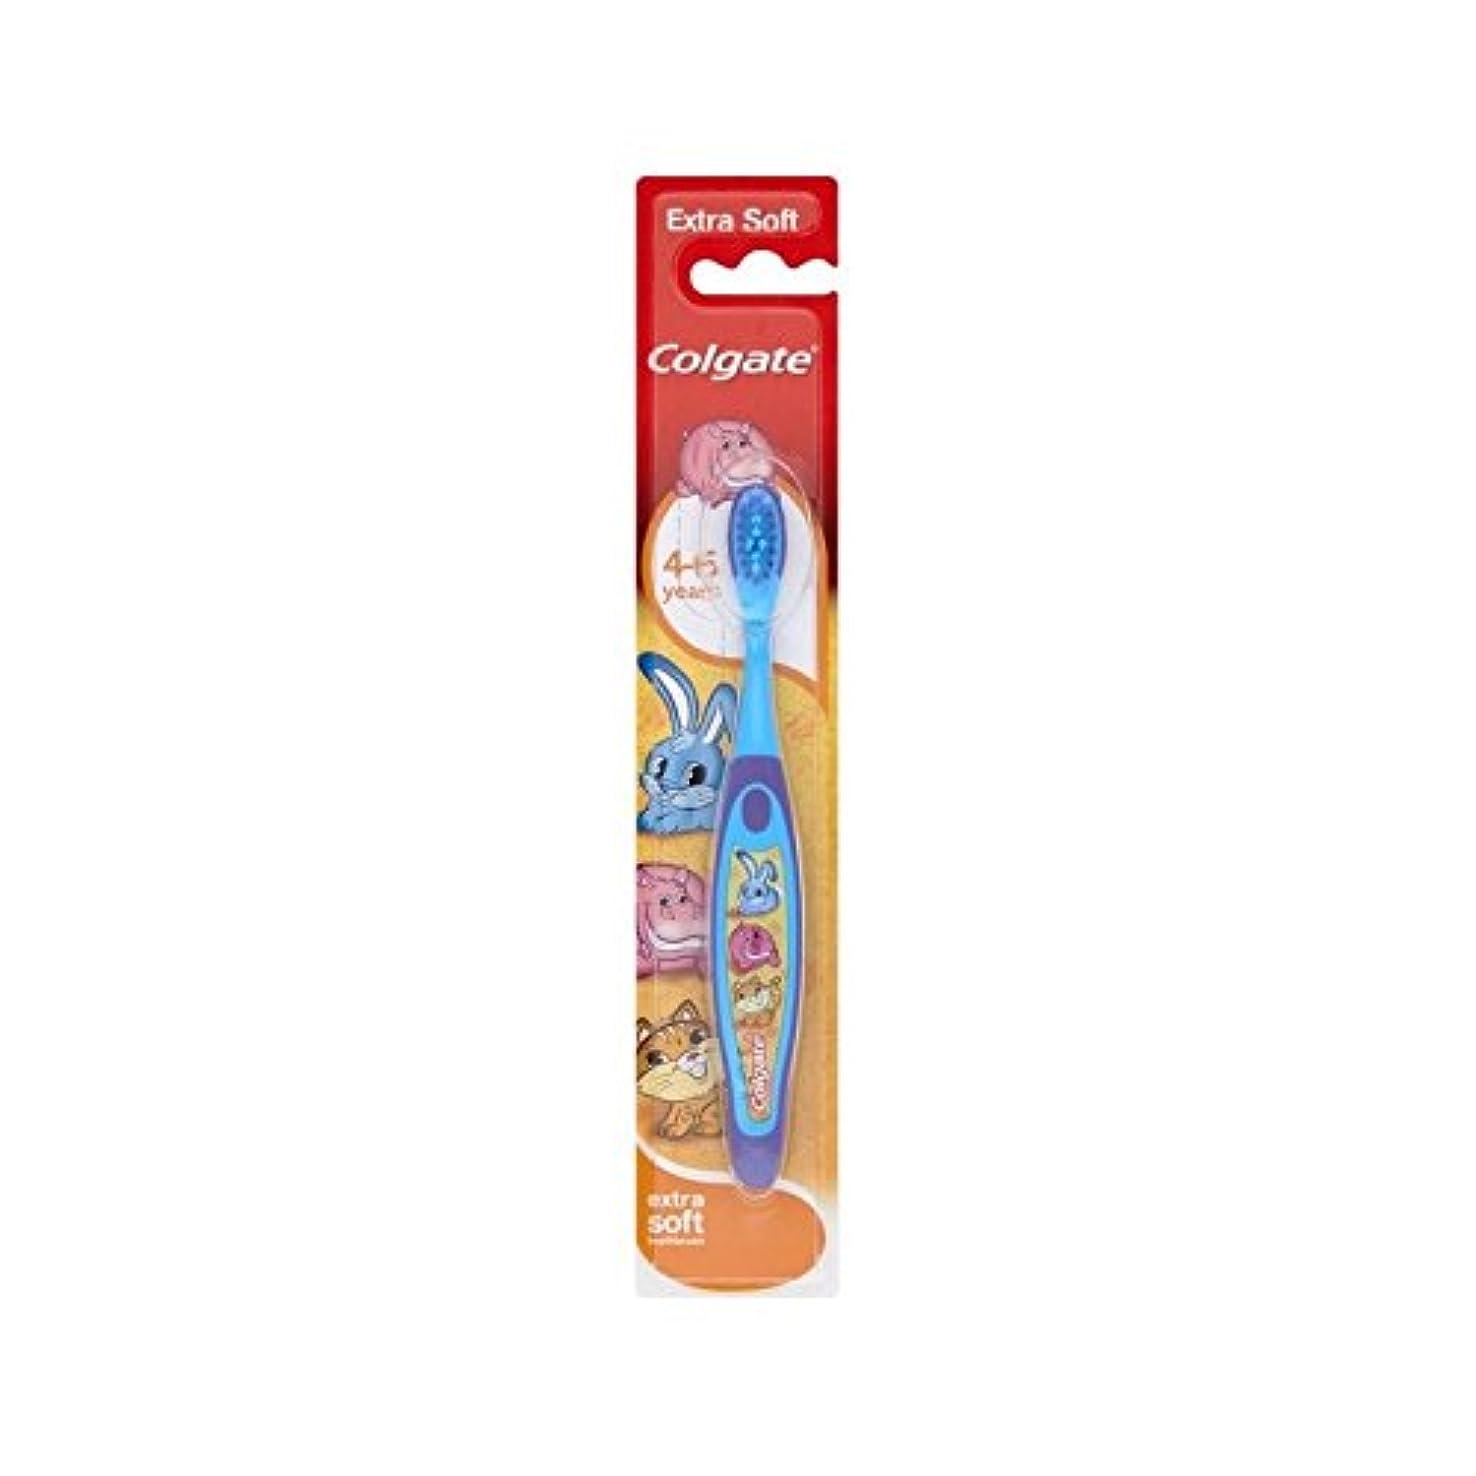 お別れ交渉するサーカス4-6歳の歯ブラシを笑顔 (Colgate) (x 6) - Colgate Smiles 4-6 Years Old Toothbrush (Pack of 6) [並行輸入品]